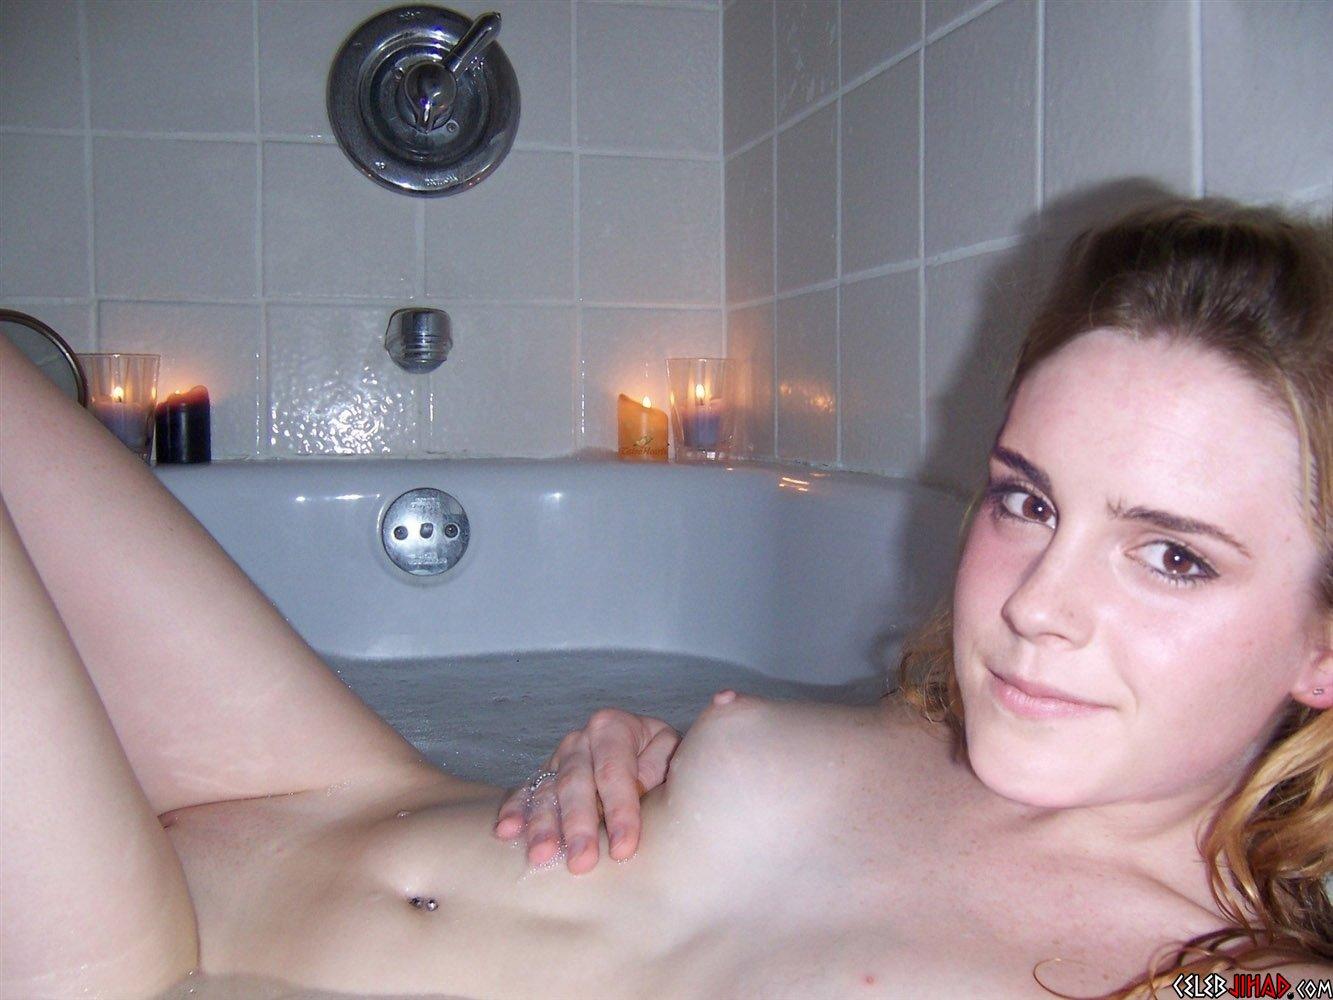 Nude leak watson emma Emma Watson